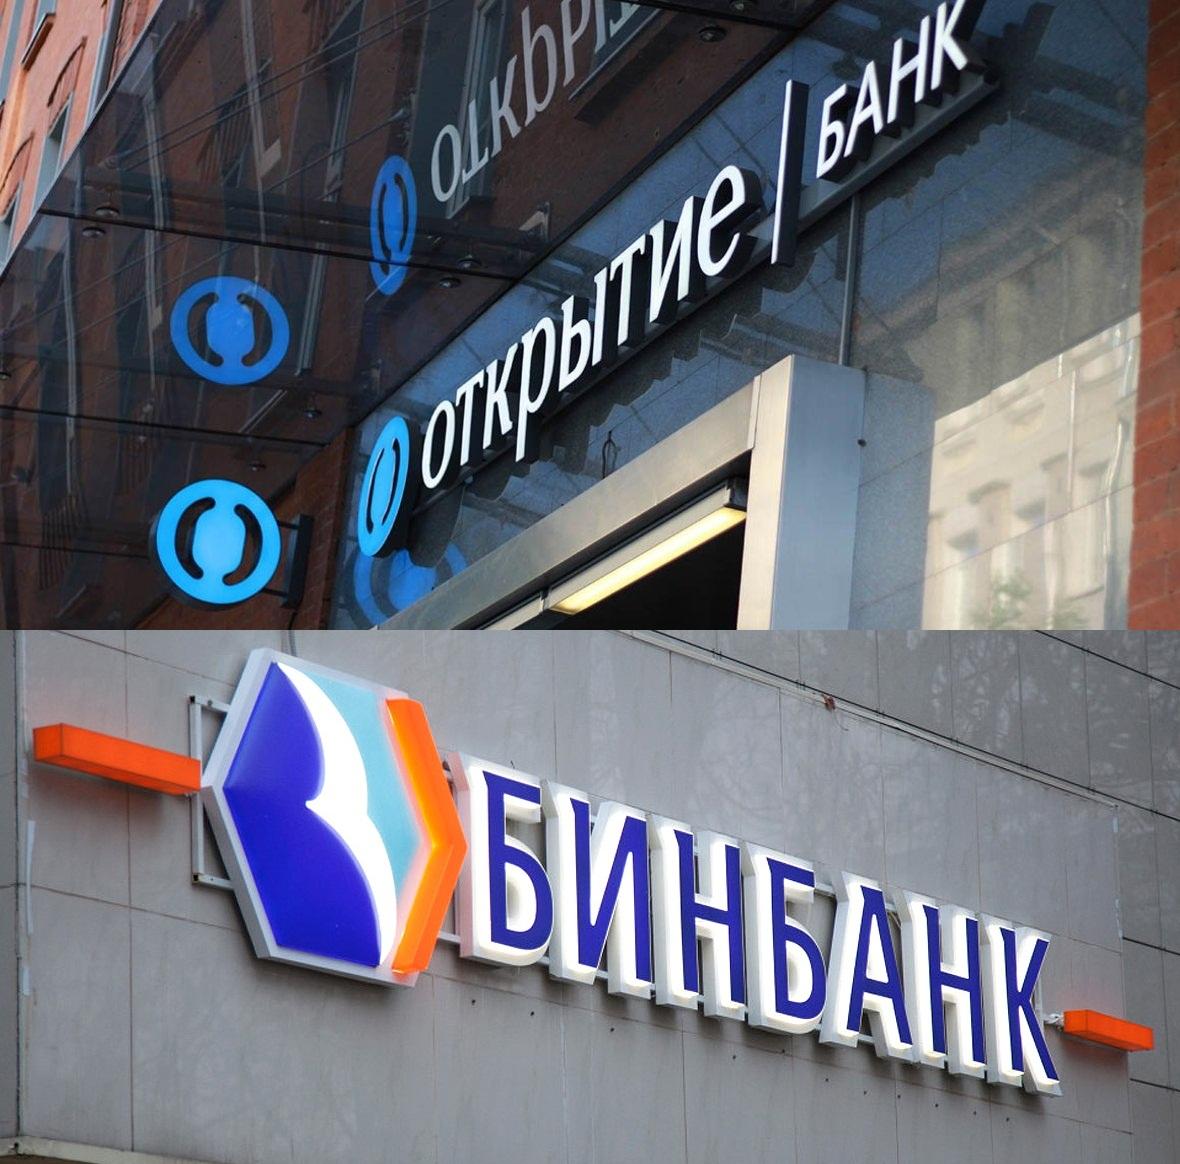 ФК Открытие Бинбанк Объединение